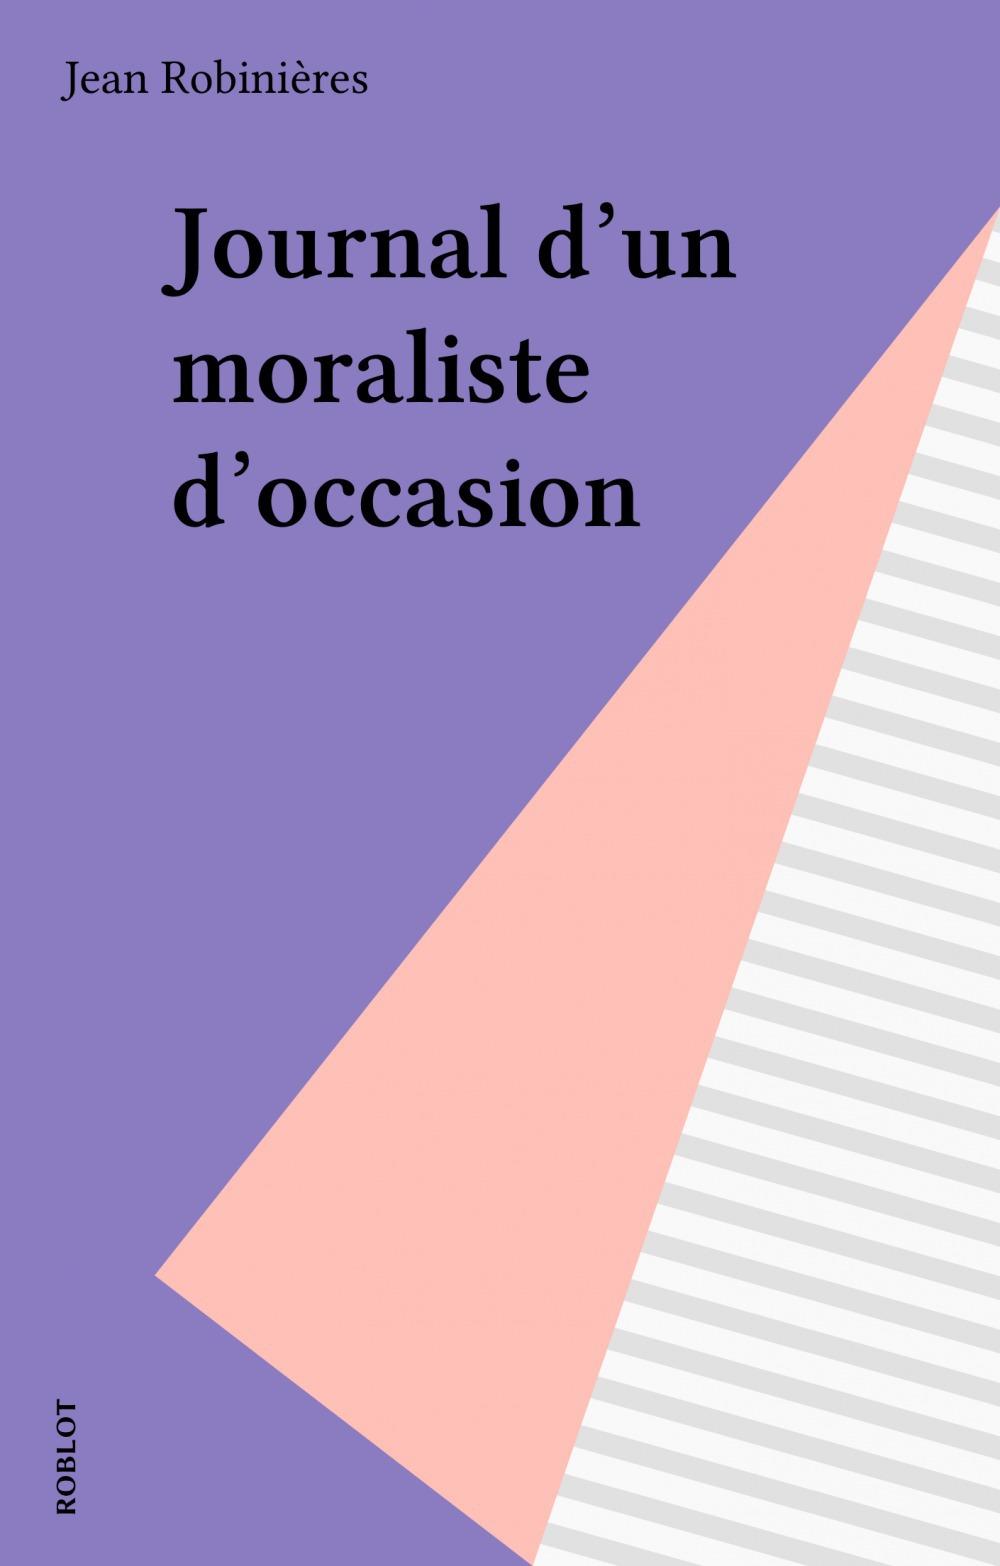 Journal d'un moraliste d'occasion